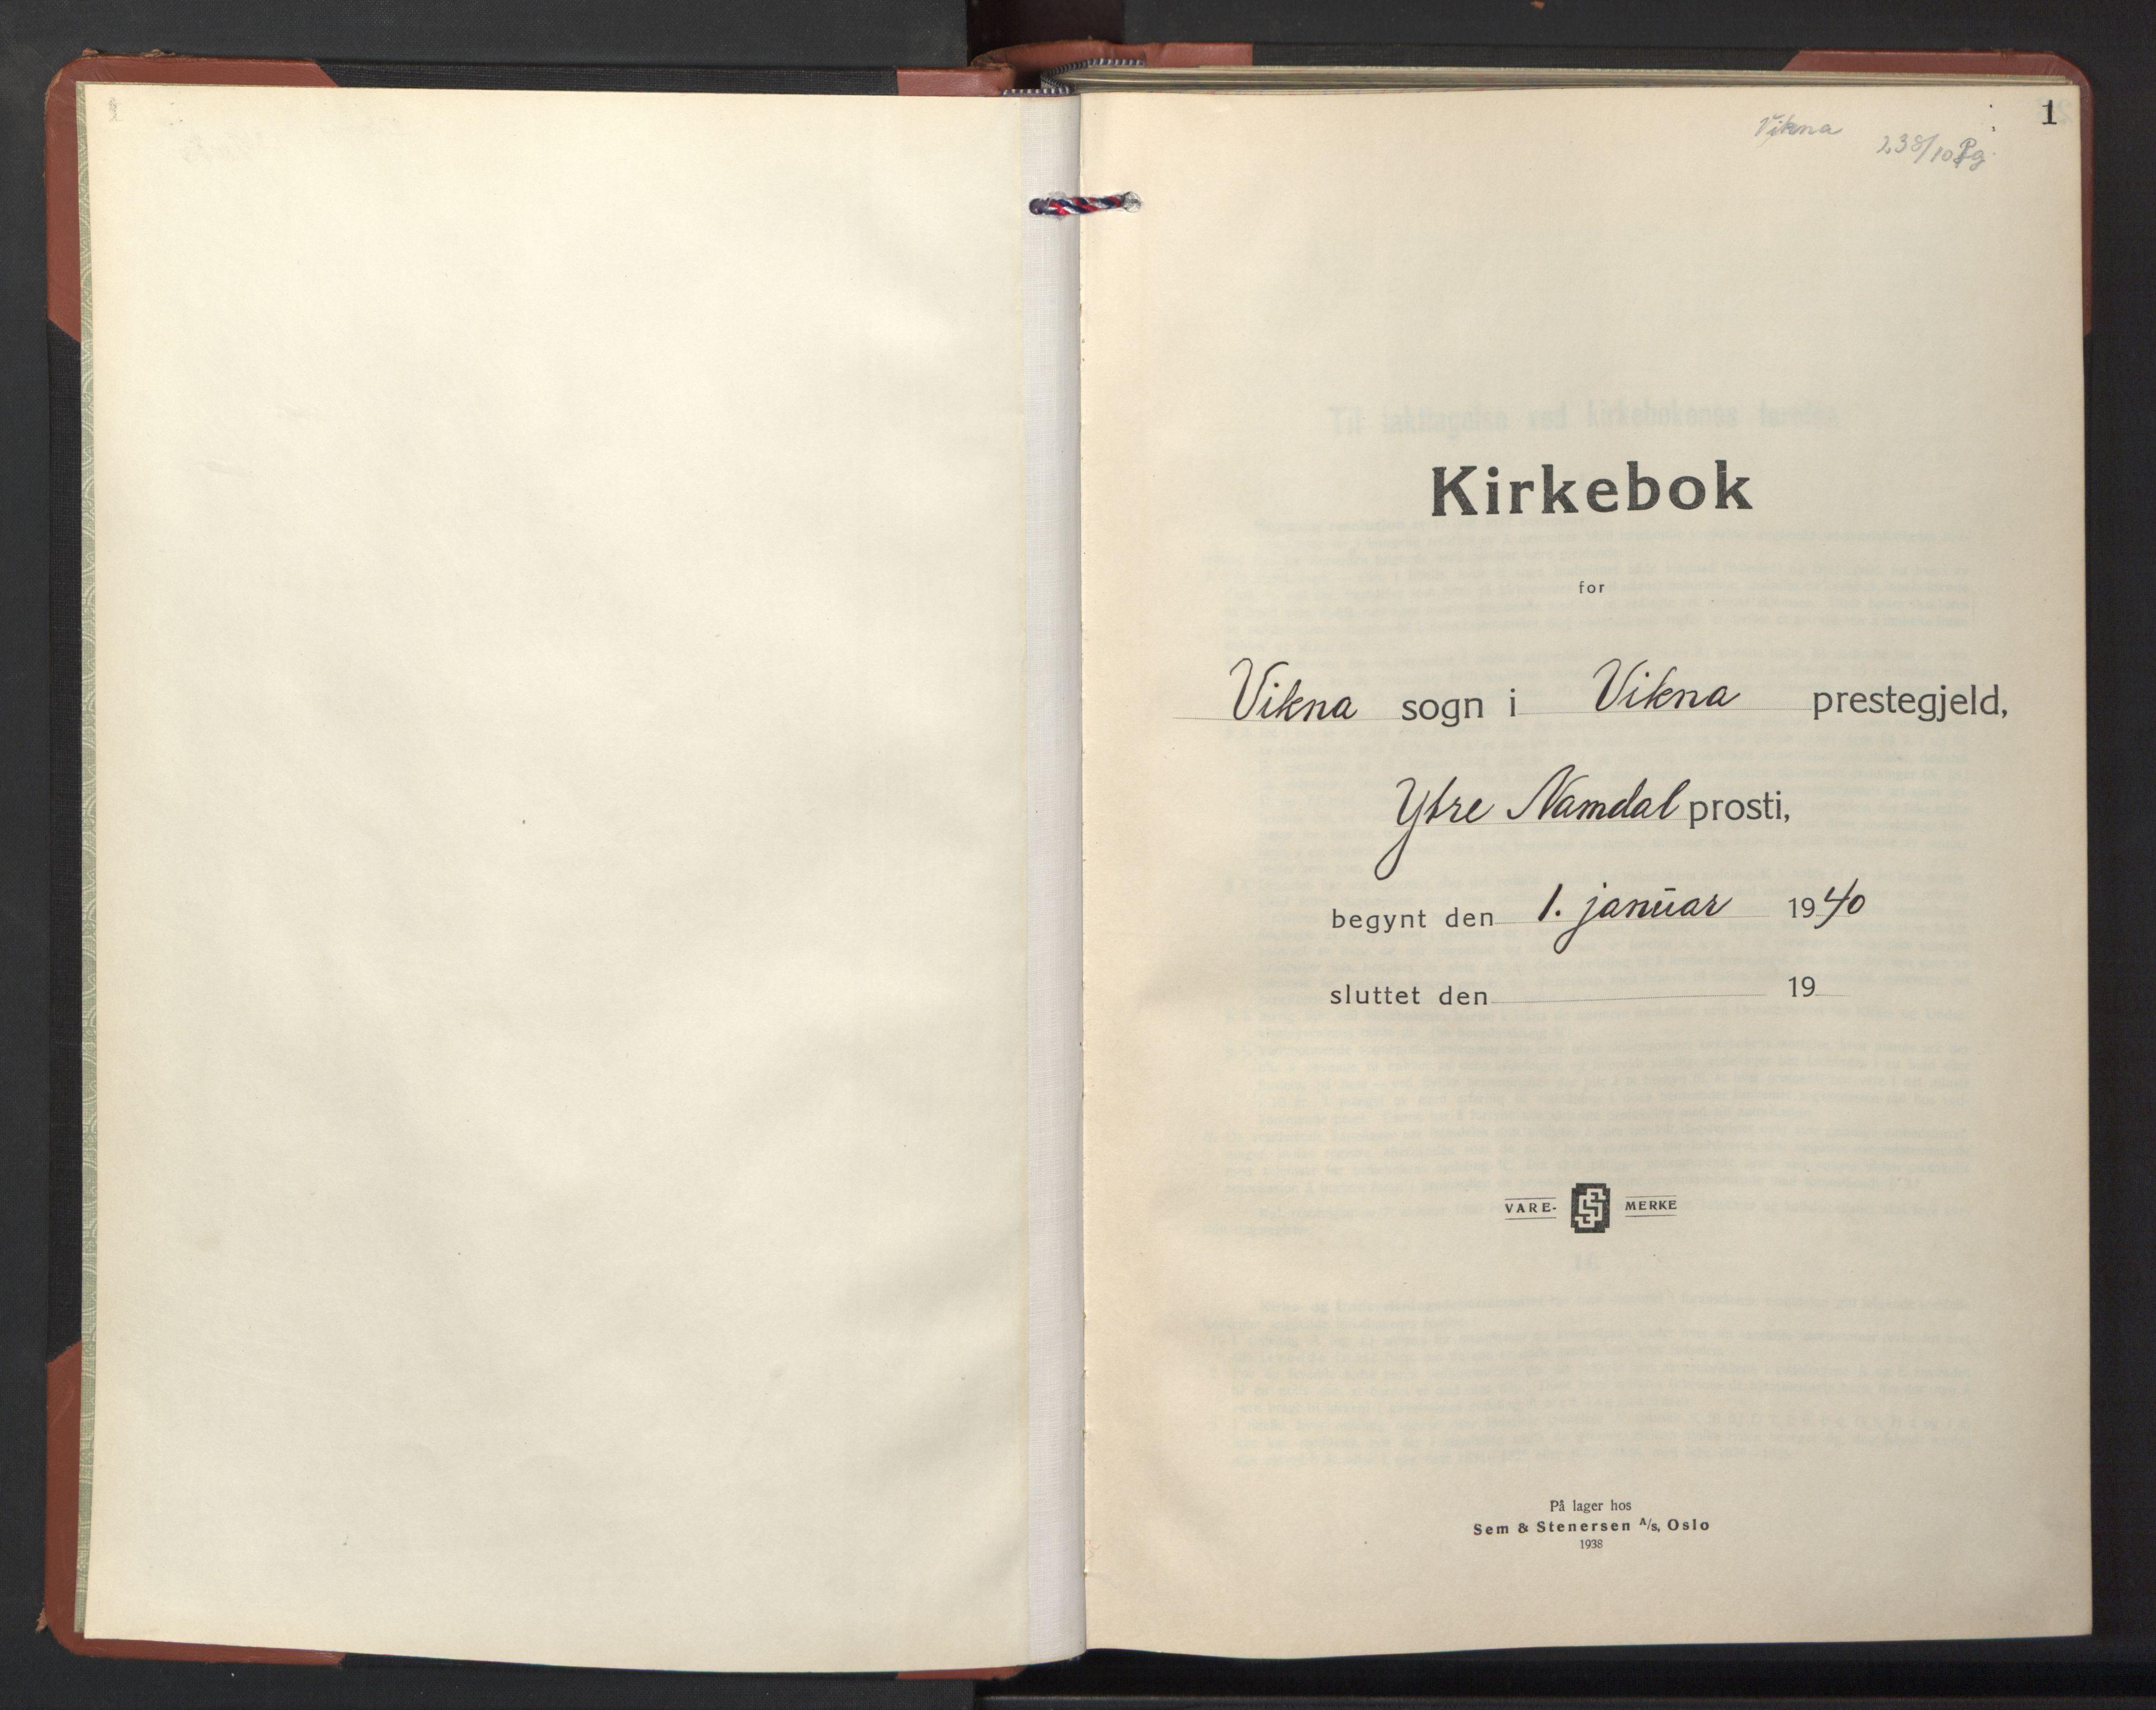 SAT, Ministerialprotokoller, klokkerbøker og fødselsregistre - Nord-Trøndelag, 786/L0689: Klokkerbok nr. 786C01, 1940-1948, s. 1